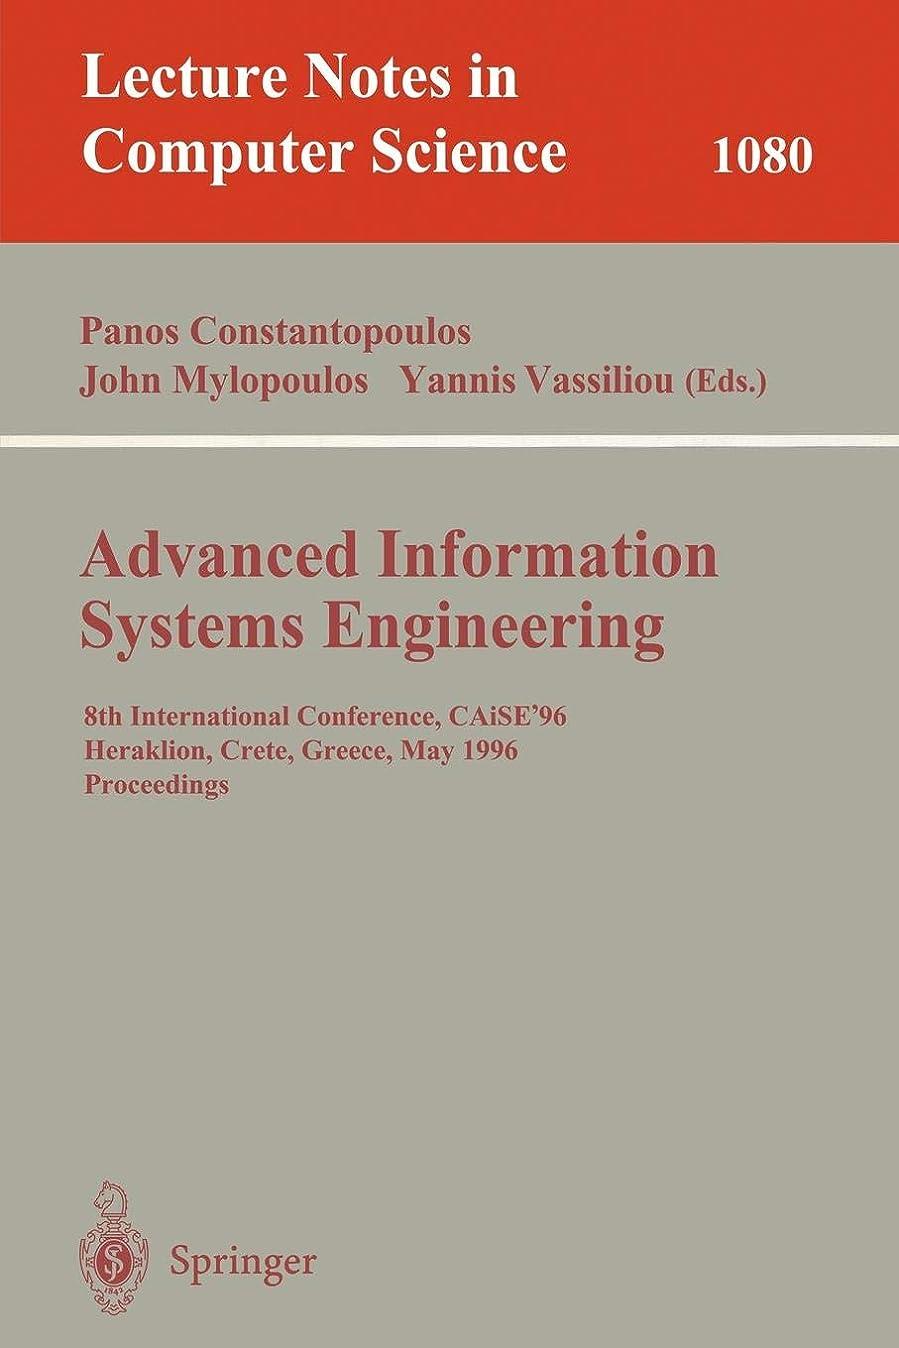 変形重要な頑張るAdvanced Information Systems Engineering: 8th International Conference, CAiSE'96, Herakleion, Crete, Greece, May (20-24), 1996. Proceedings (Lecture Notes in Computer Science)